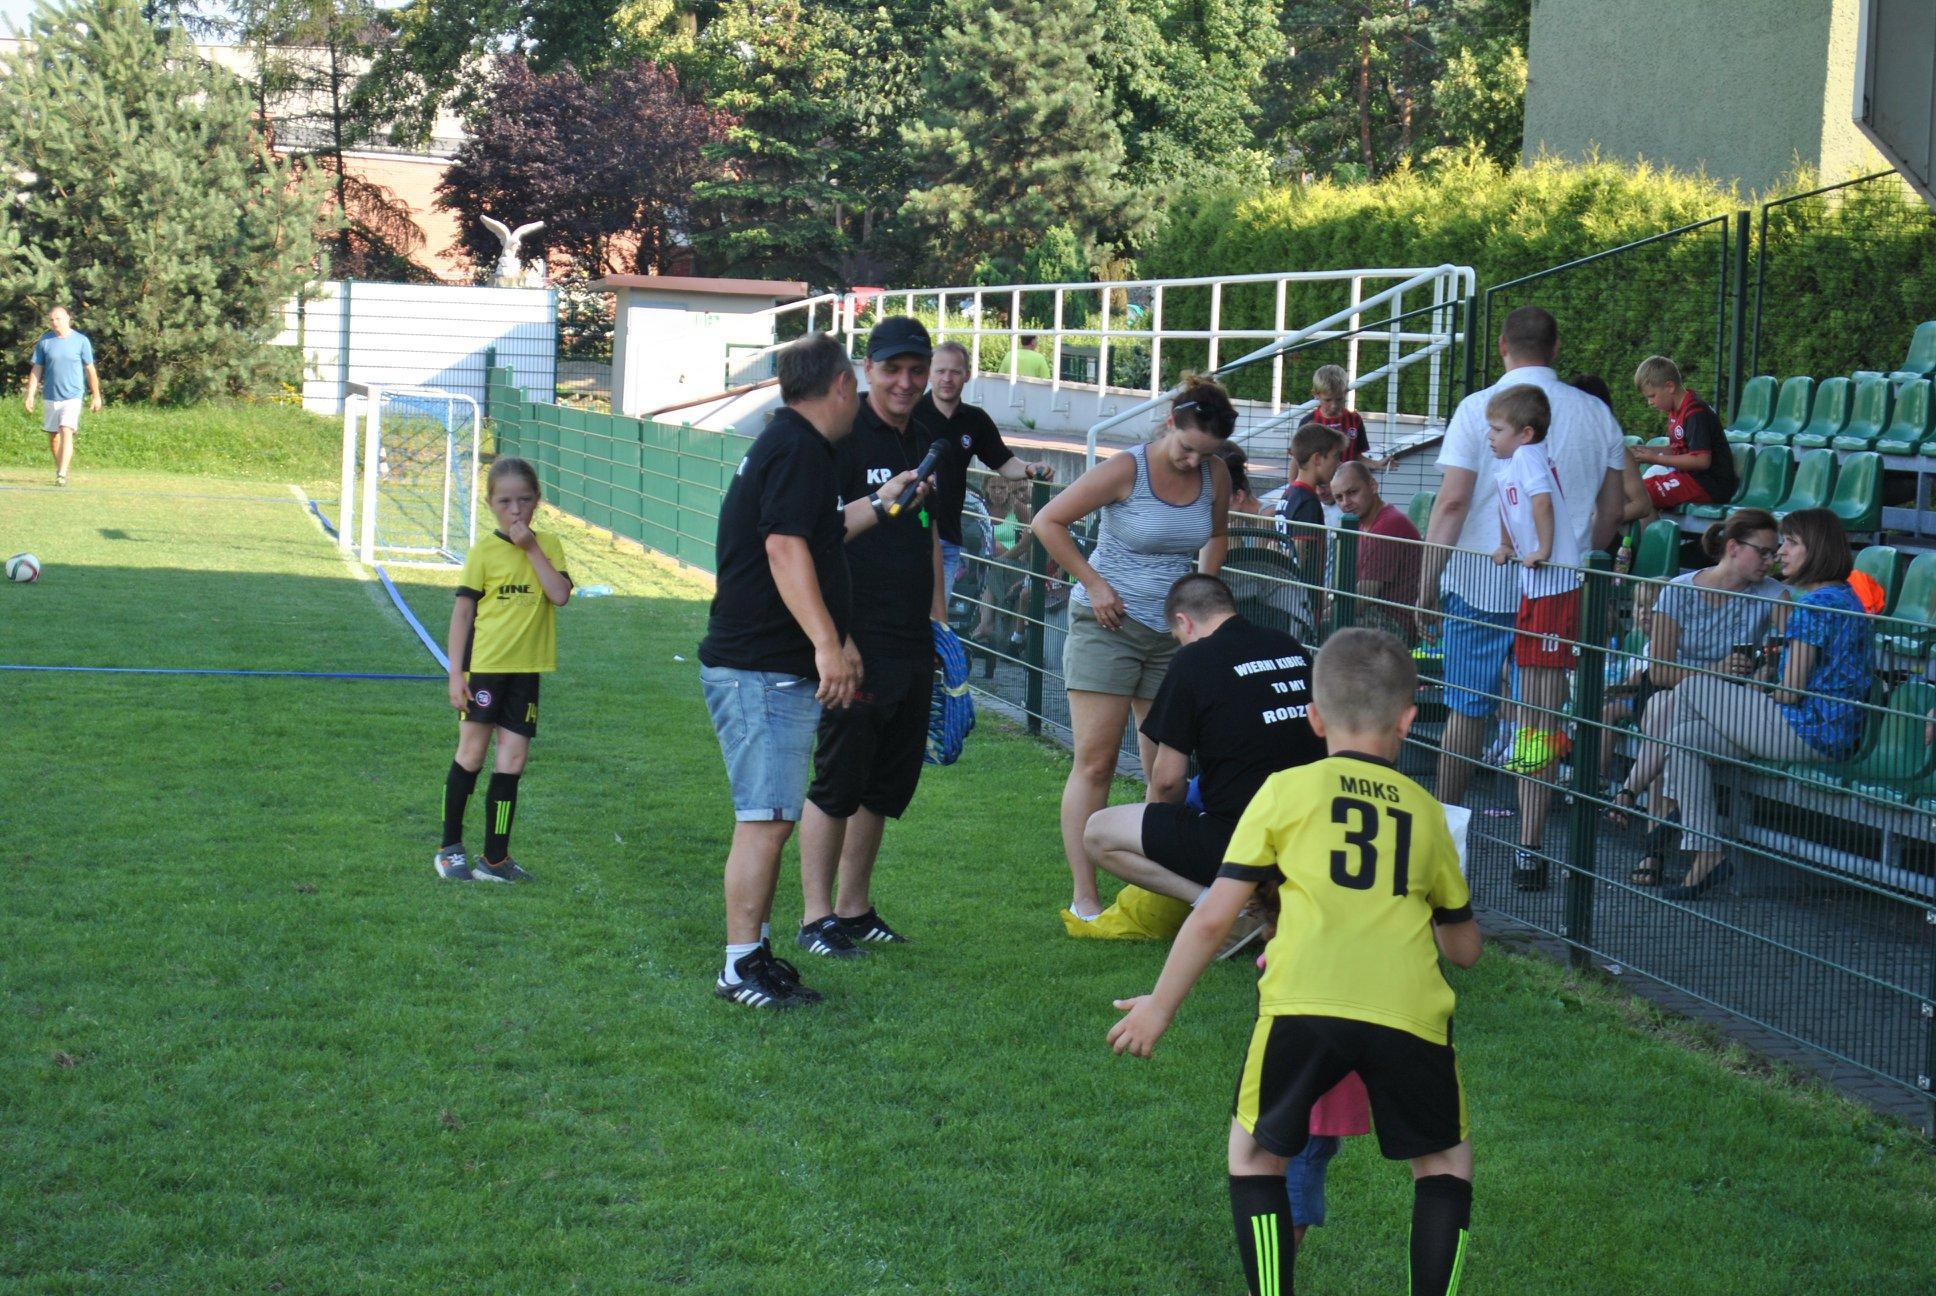 Trenerzy Sebastian Urbaś, Zbigniew Skowron i Kamil Pierchała zapraszają wszystkich zebranych do zabawy